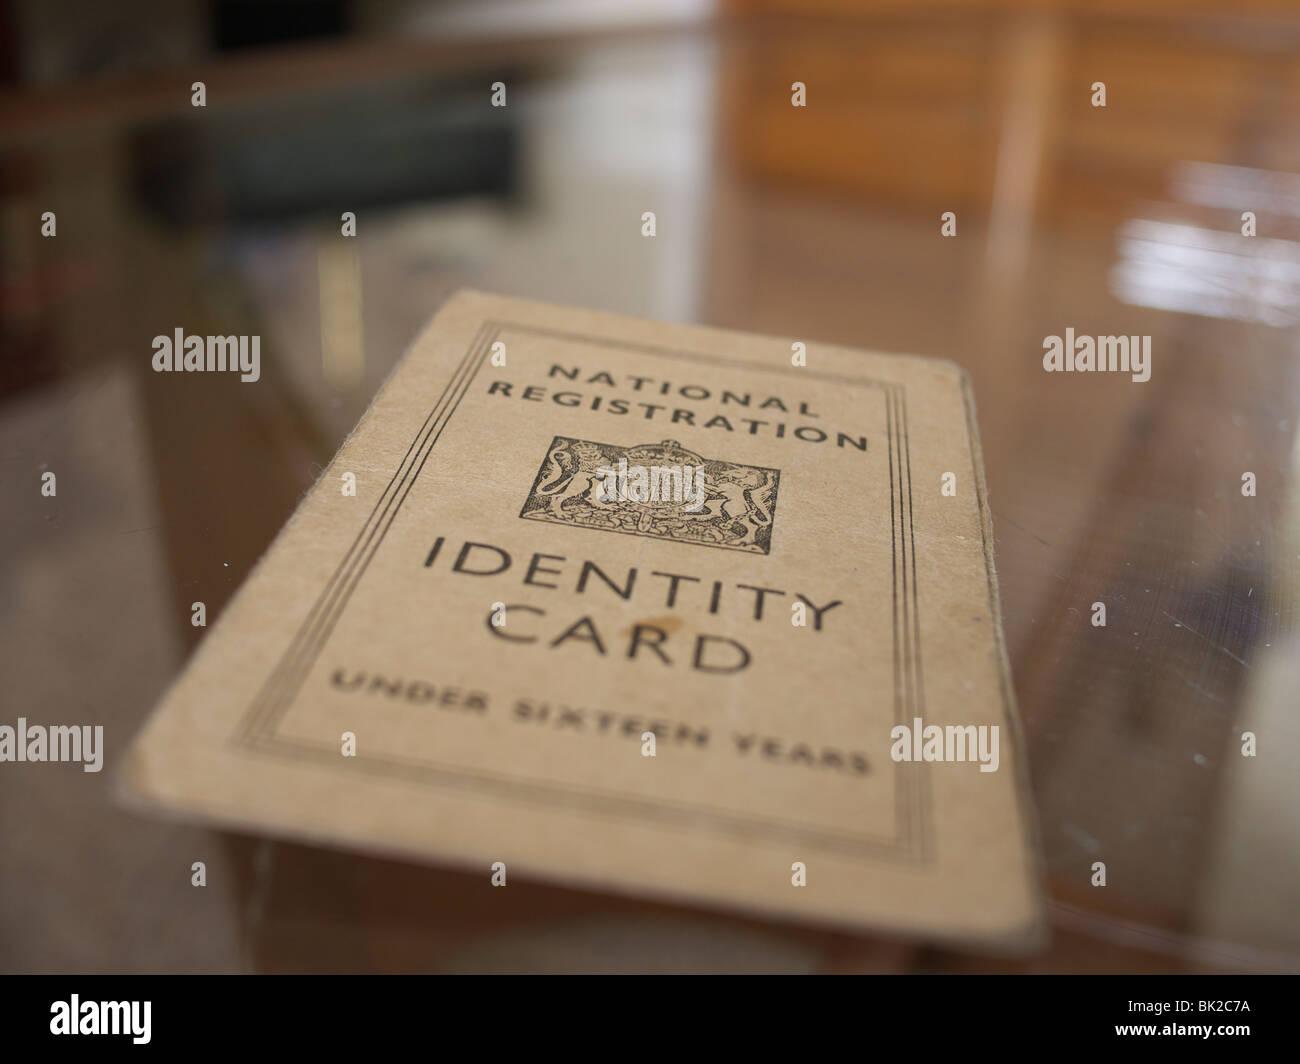 Registrazione nazionale di carta di identità a partire dal 1950 Immagini Stock